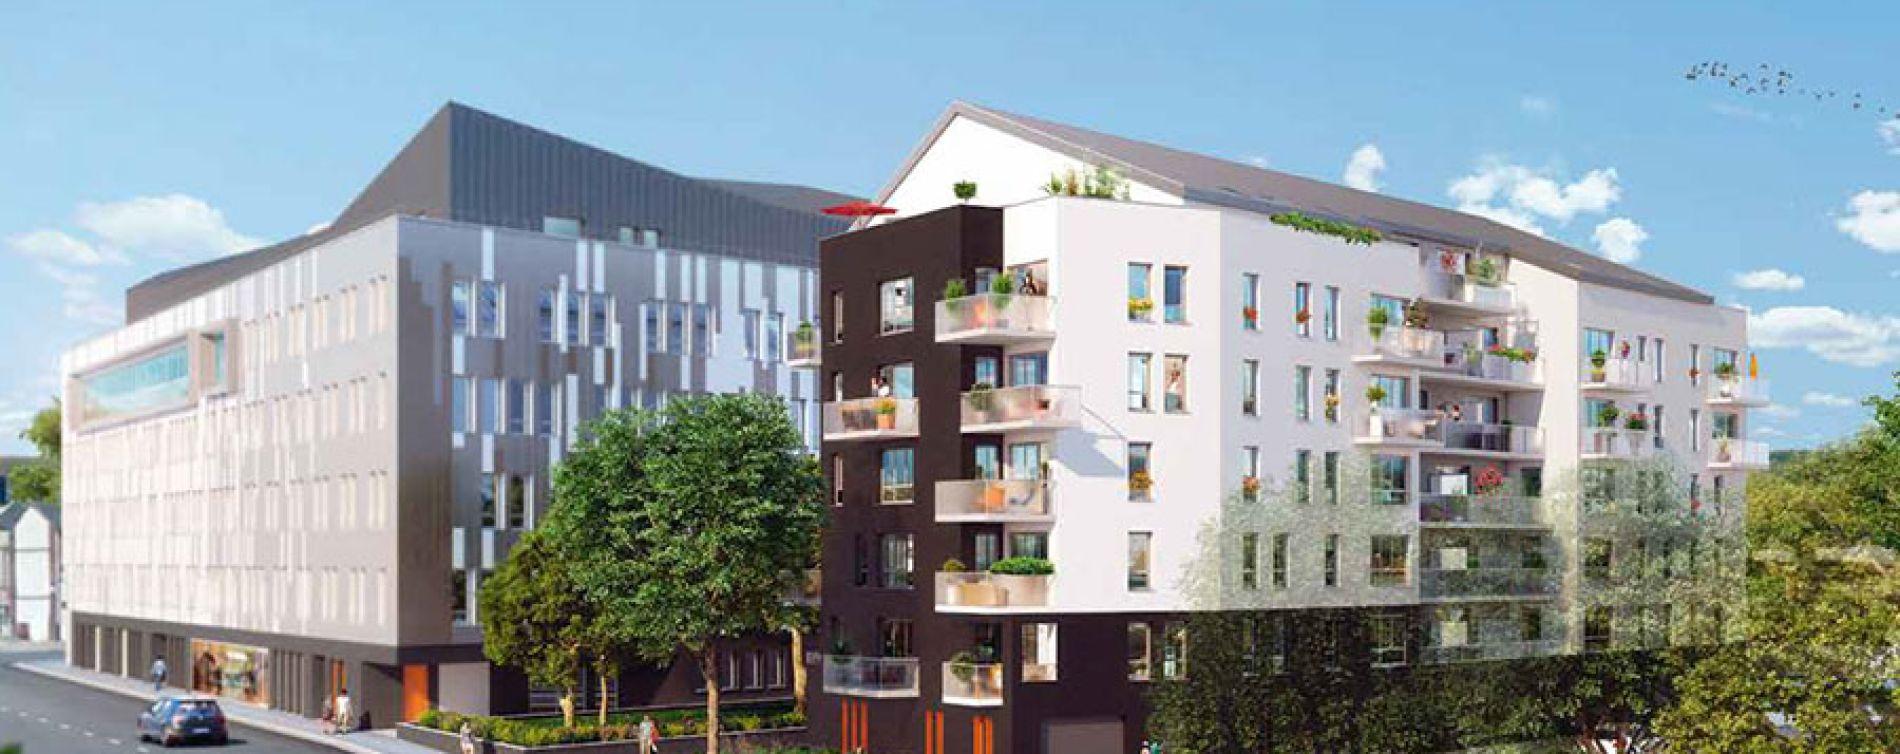 Résidence Rivéo à Rouen